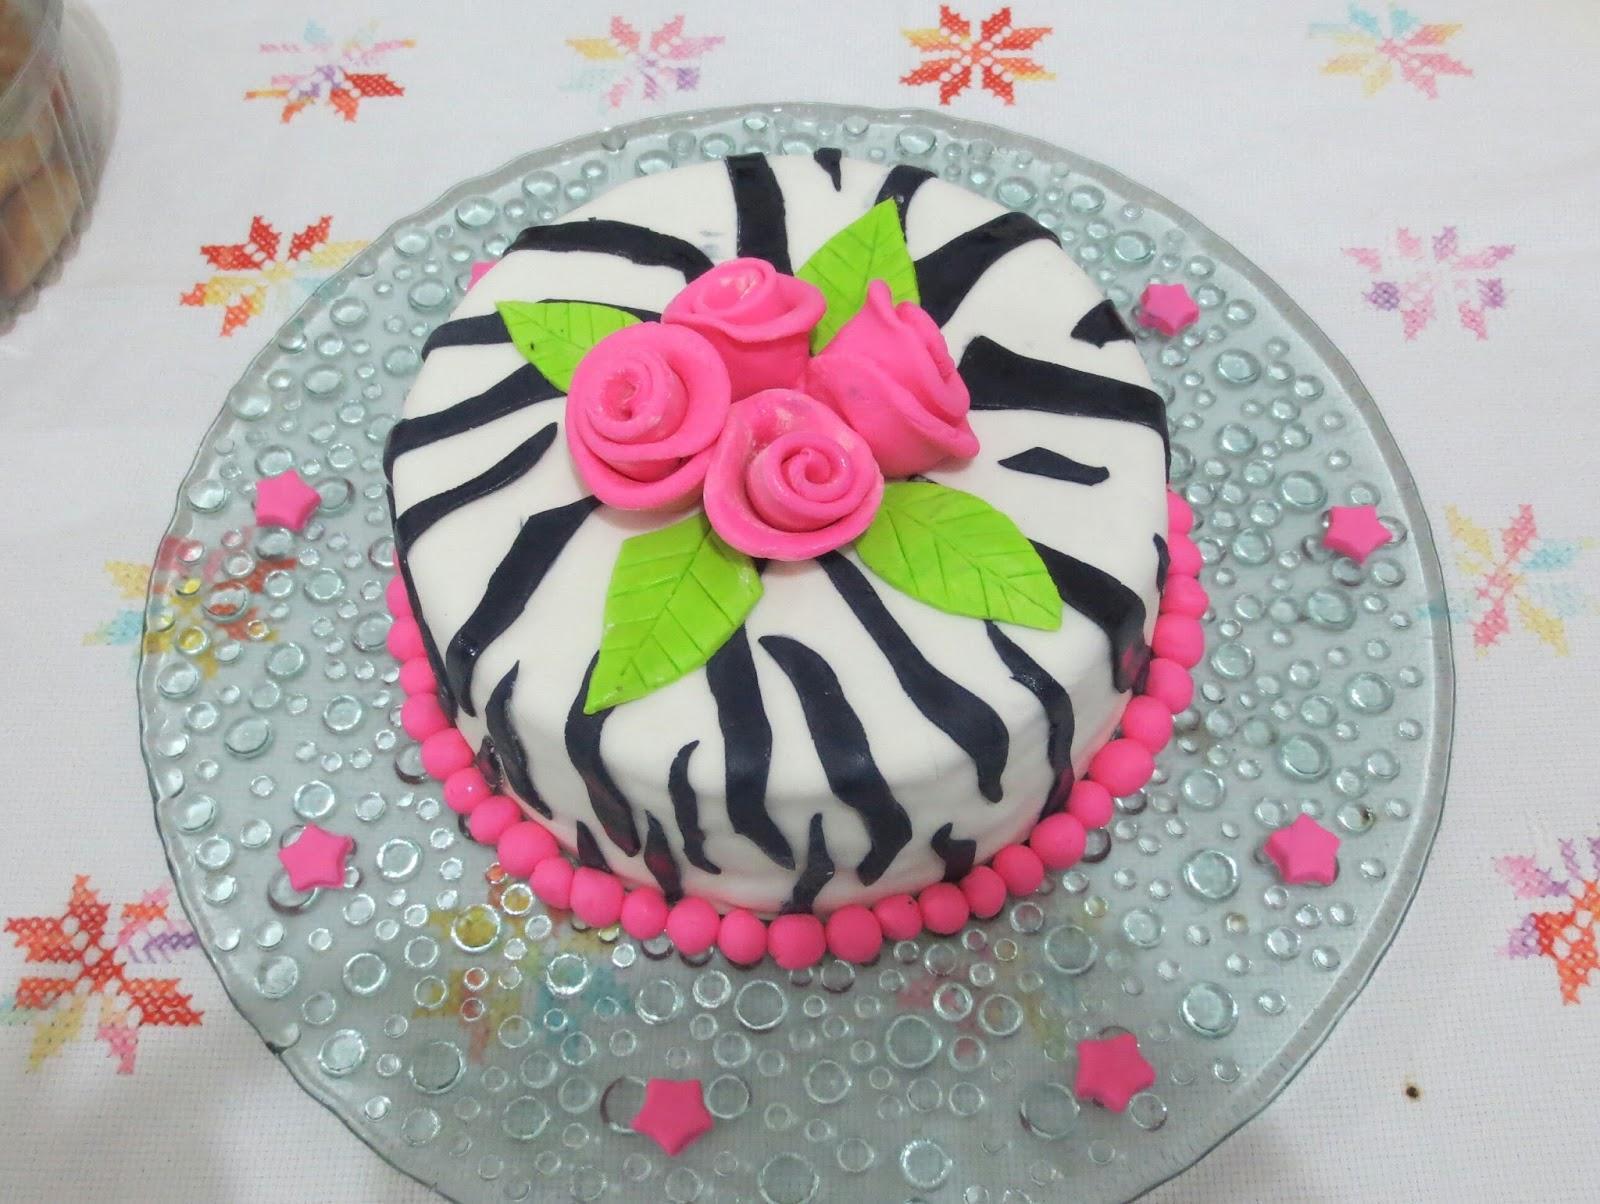 Fabuloso Bolo de pasta americana - bolo zebra com rosas VS23